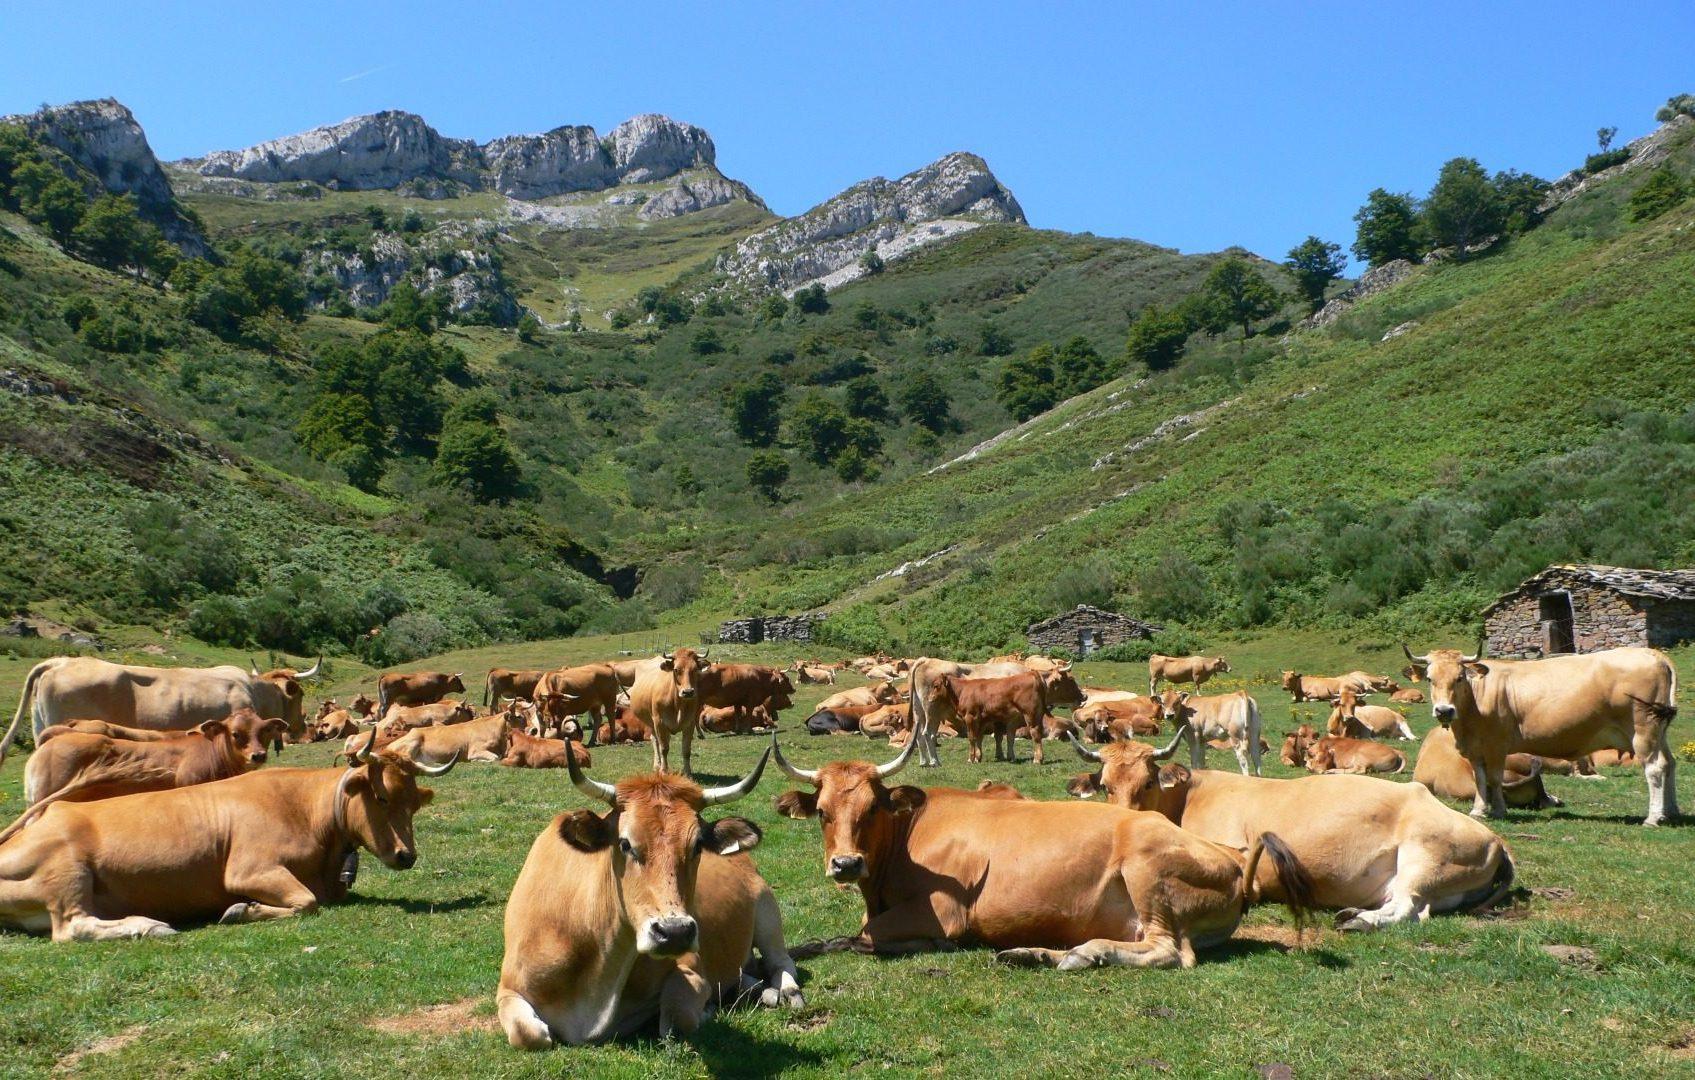 ponga parque asturias e1587388812433 - Parque Natural de Ponga-Asturias-España